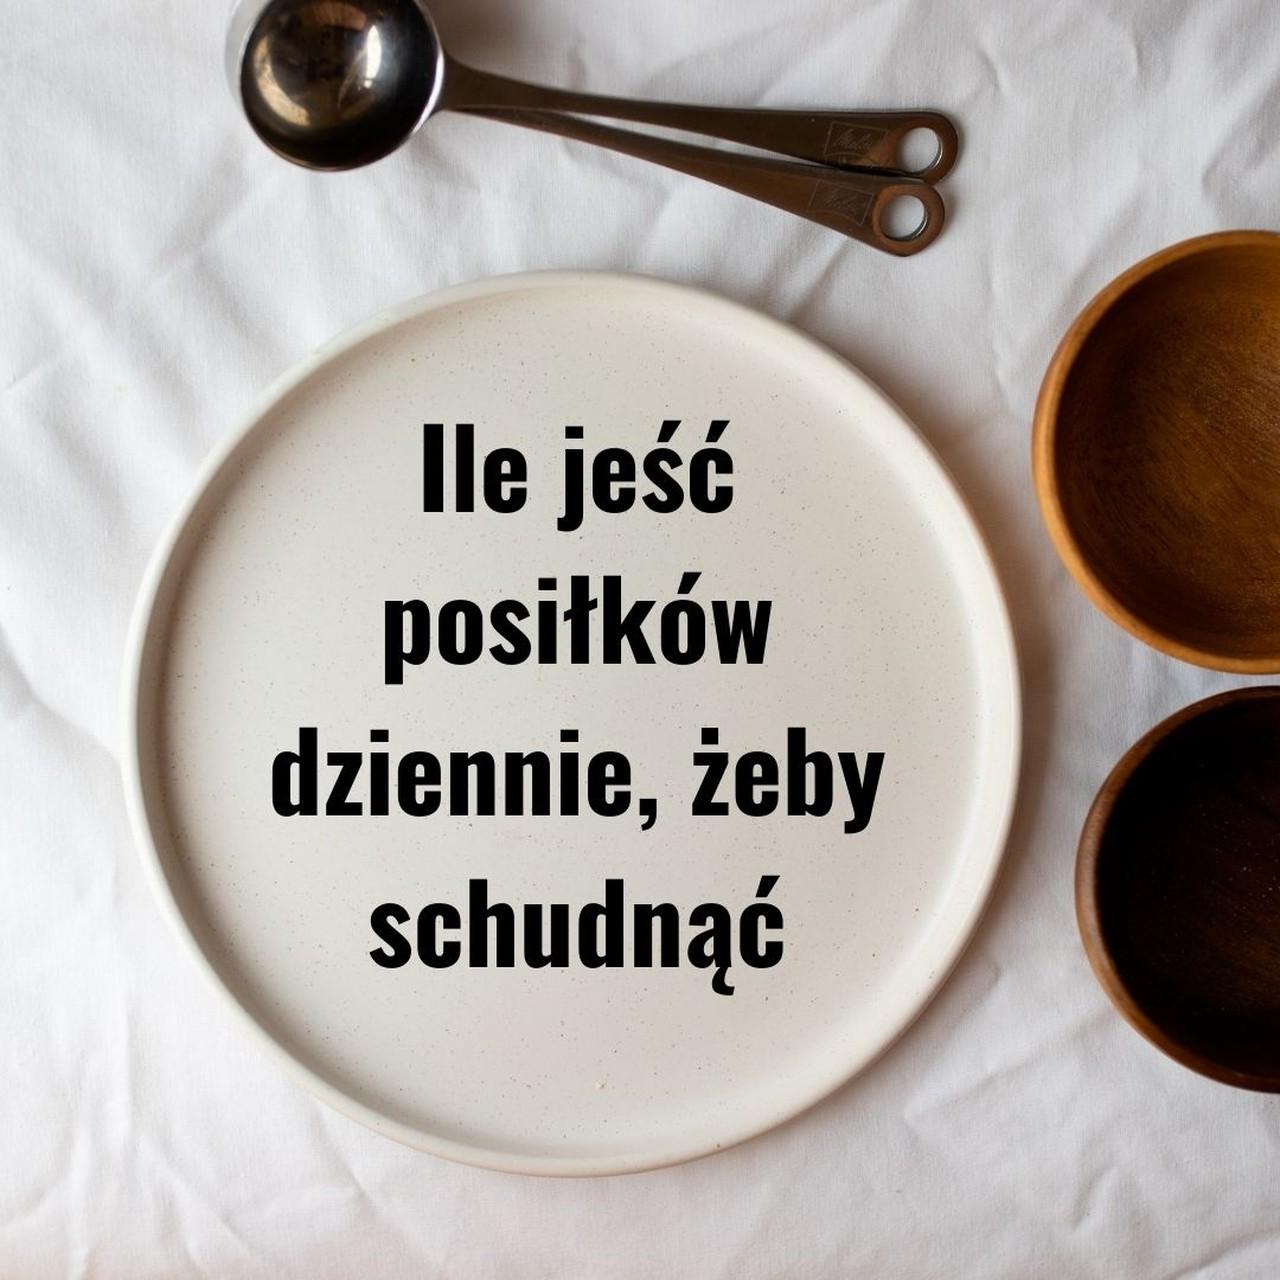 Ile jeść posiłków dziennie, żeby schudnąć